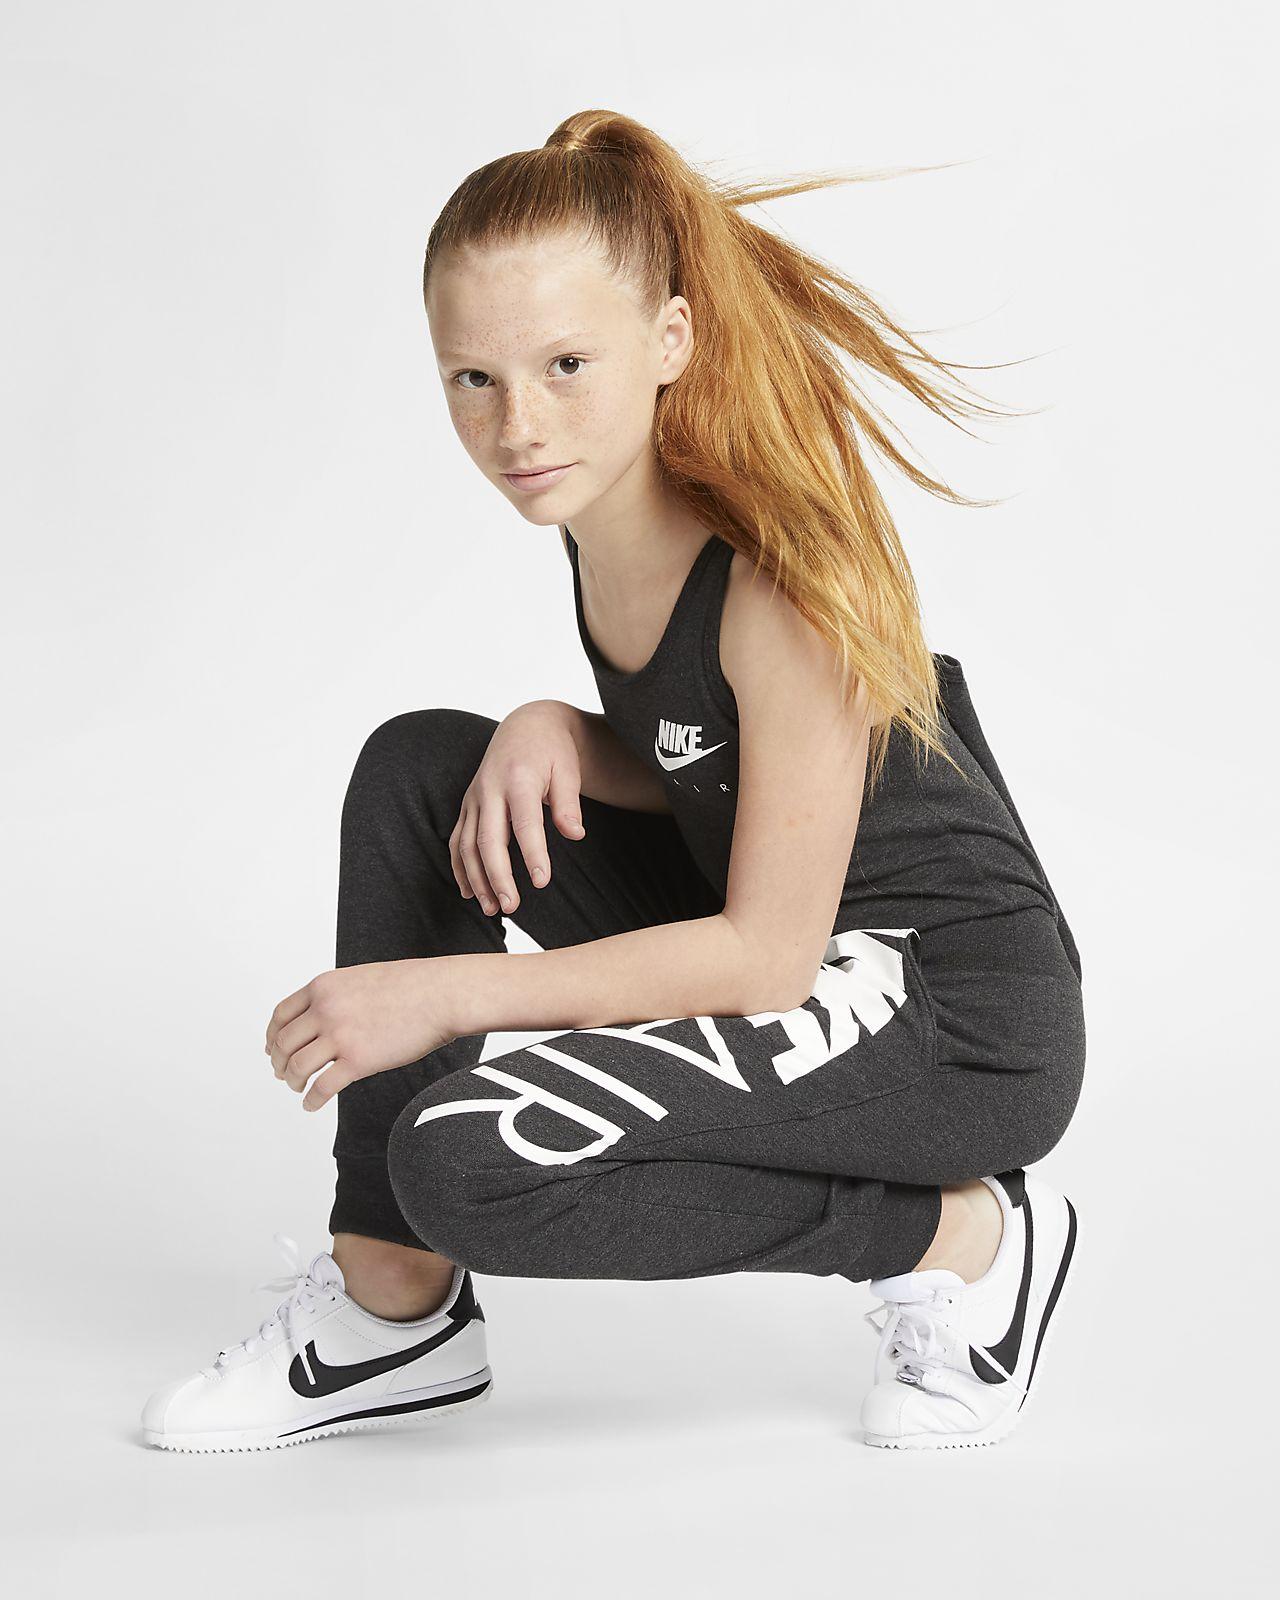 Nike Air Genç Çocuk (Kız) Tulumu